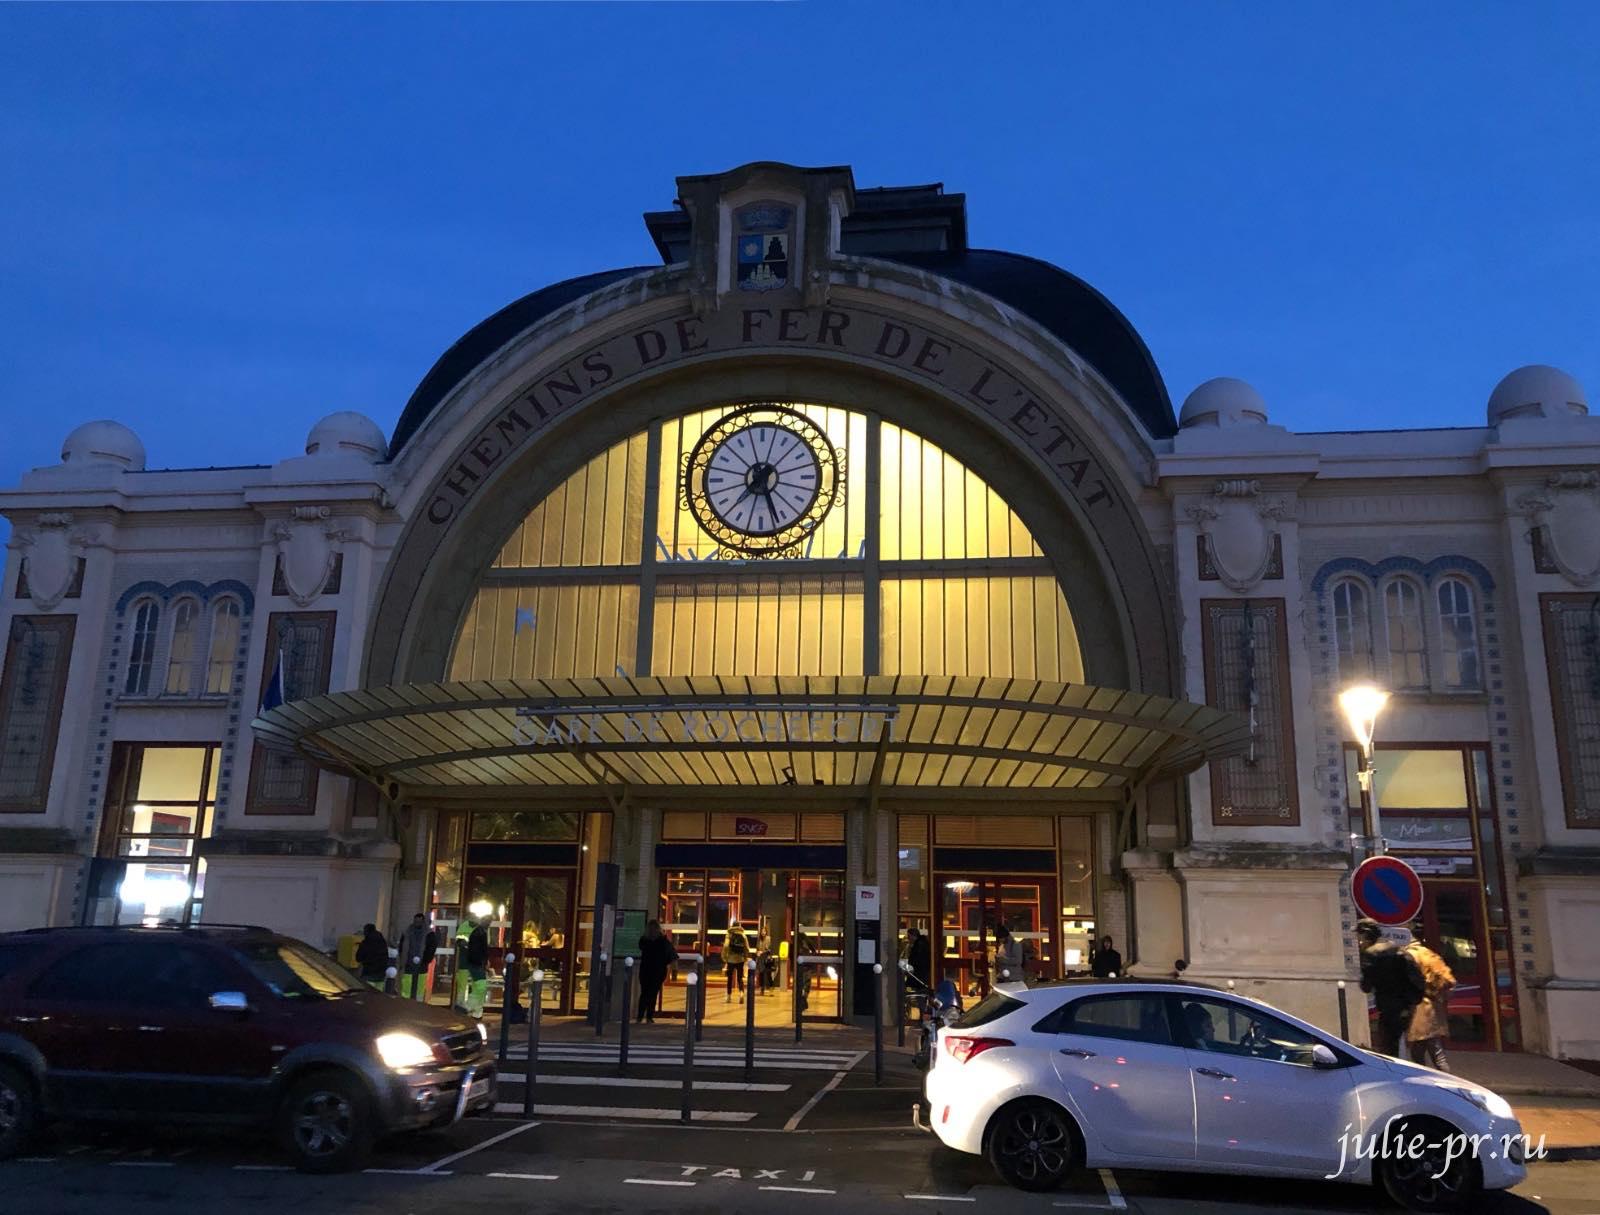 Рошфор, Франция, железнодорожный вокзал